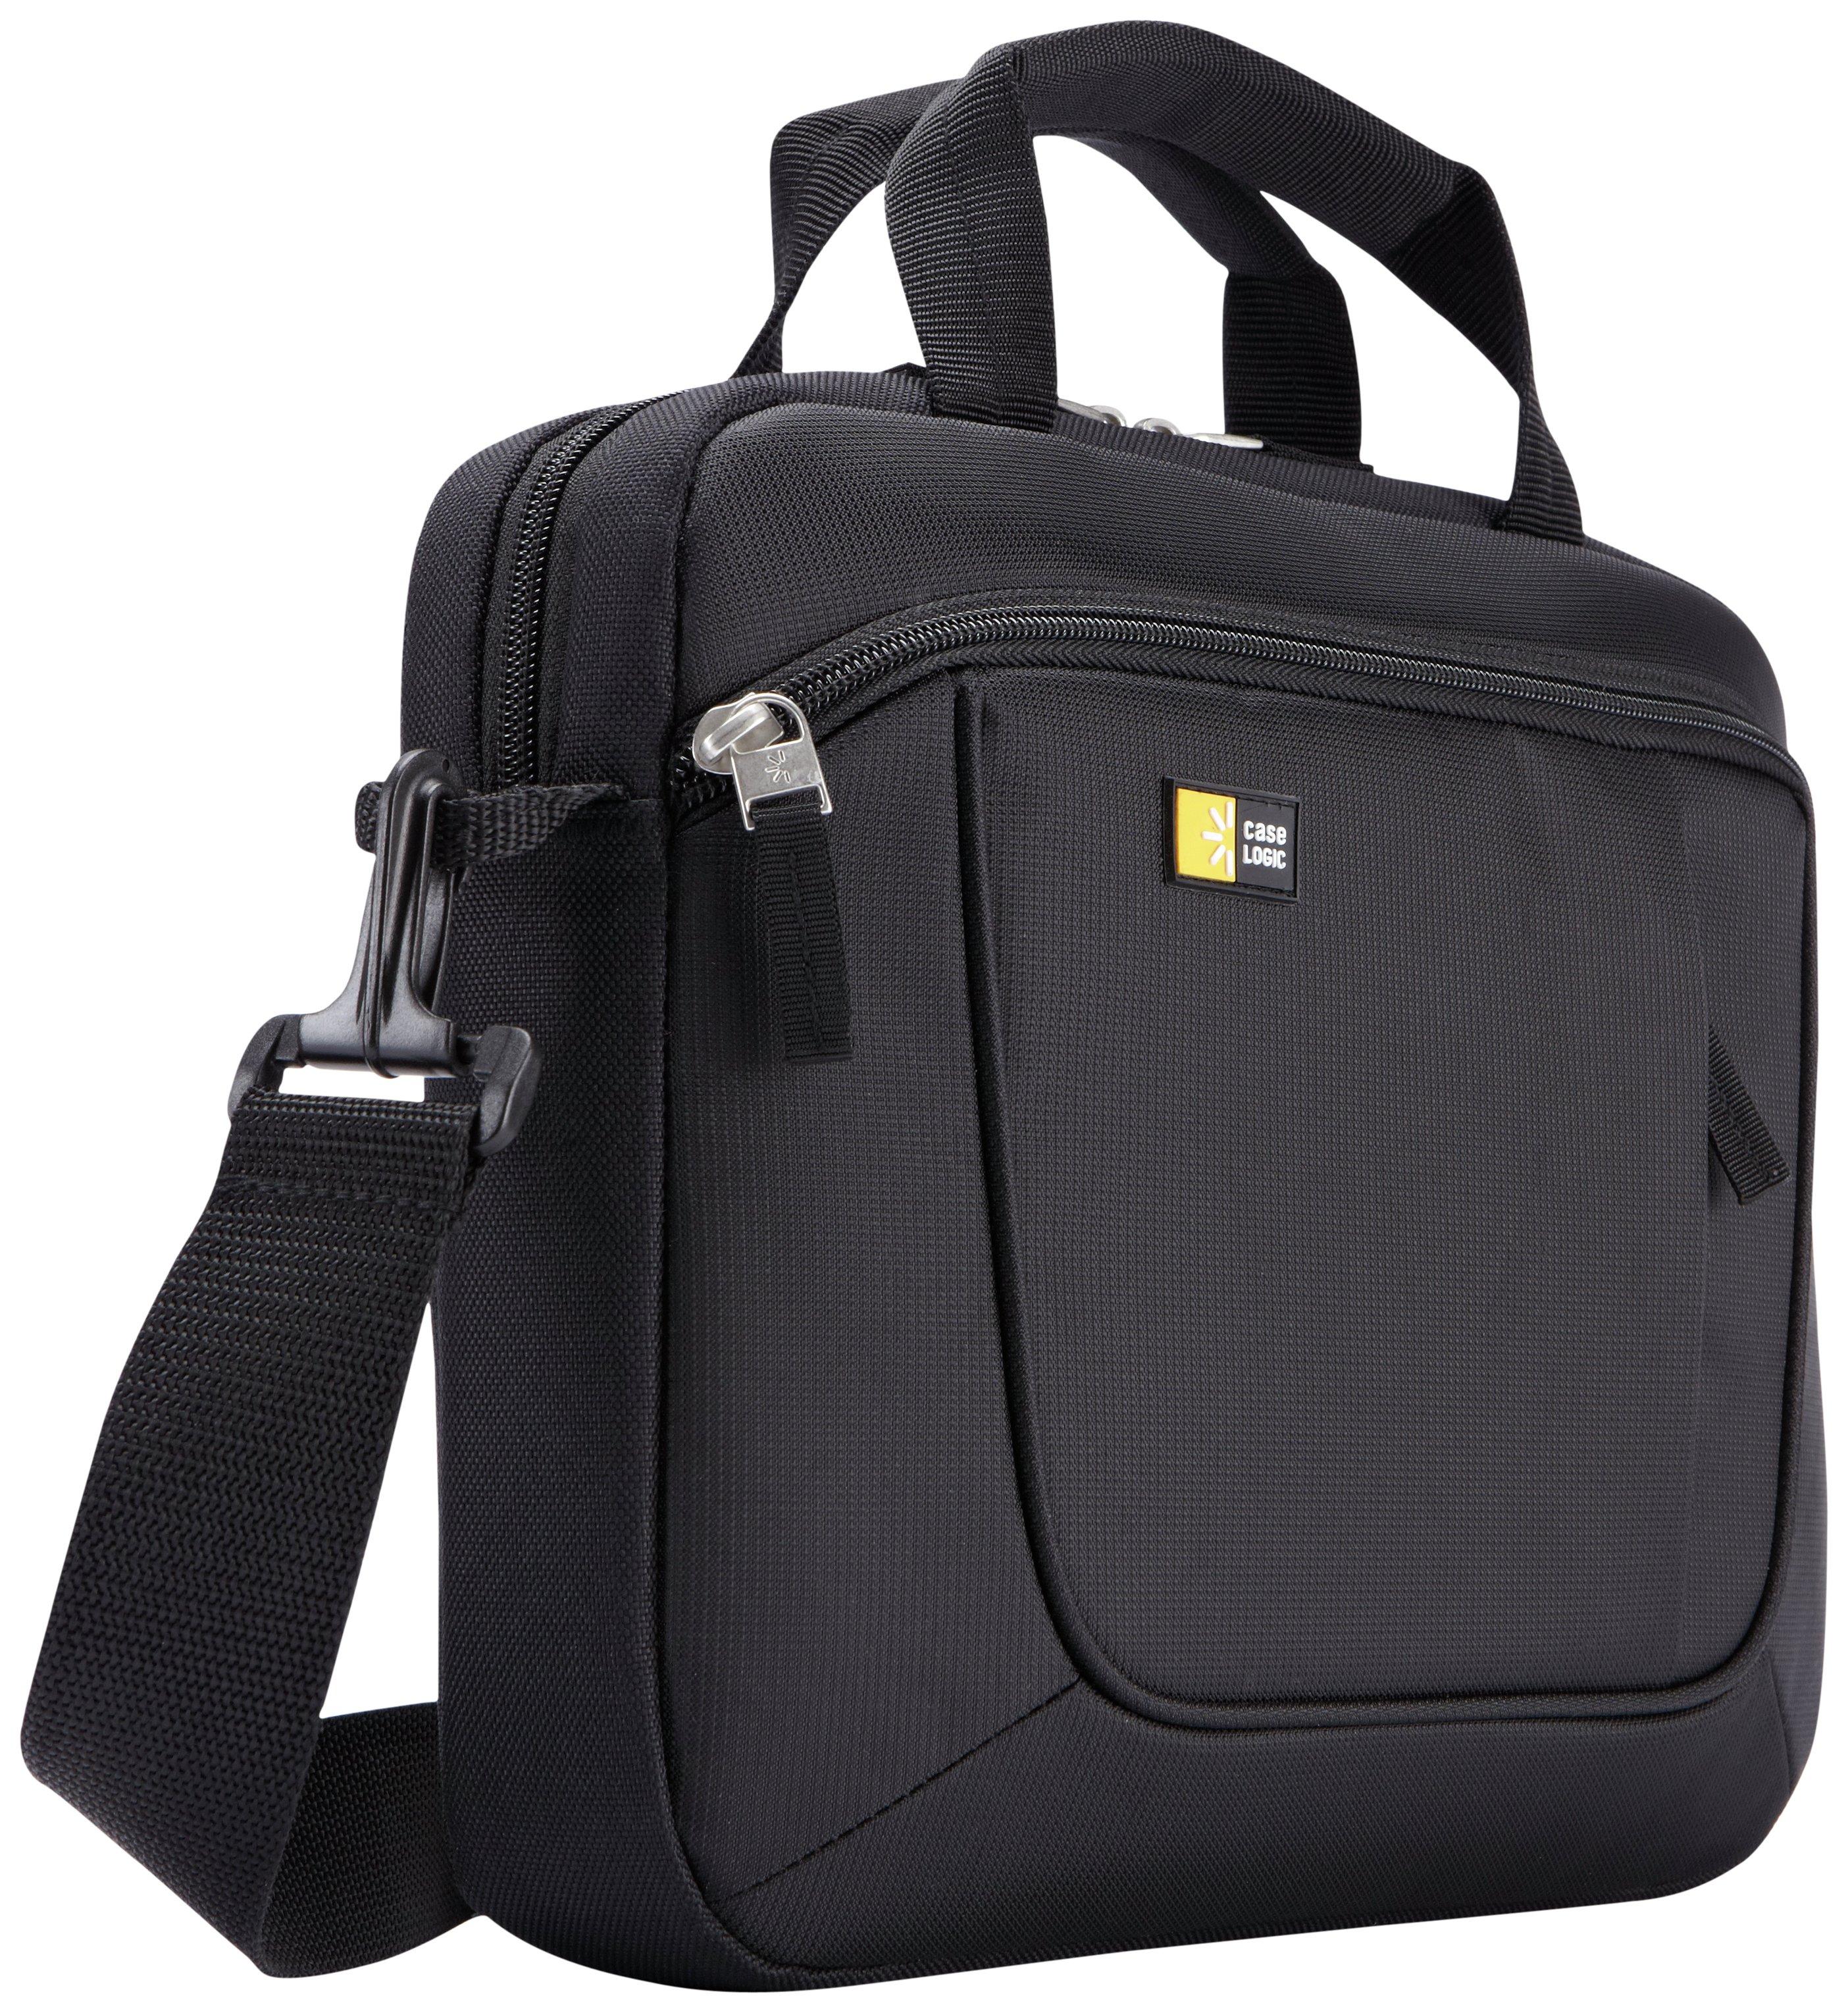 Image of Case Logic - ADV Line 11 inch - Ultrabook Tablet Case - Black